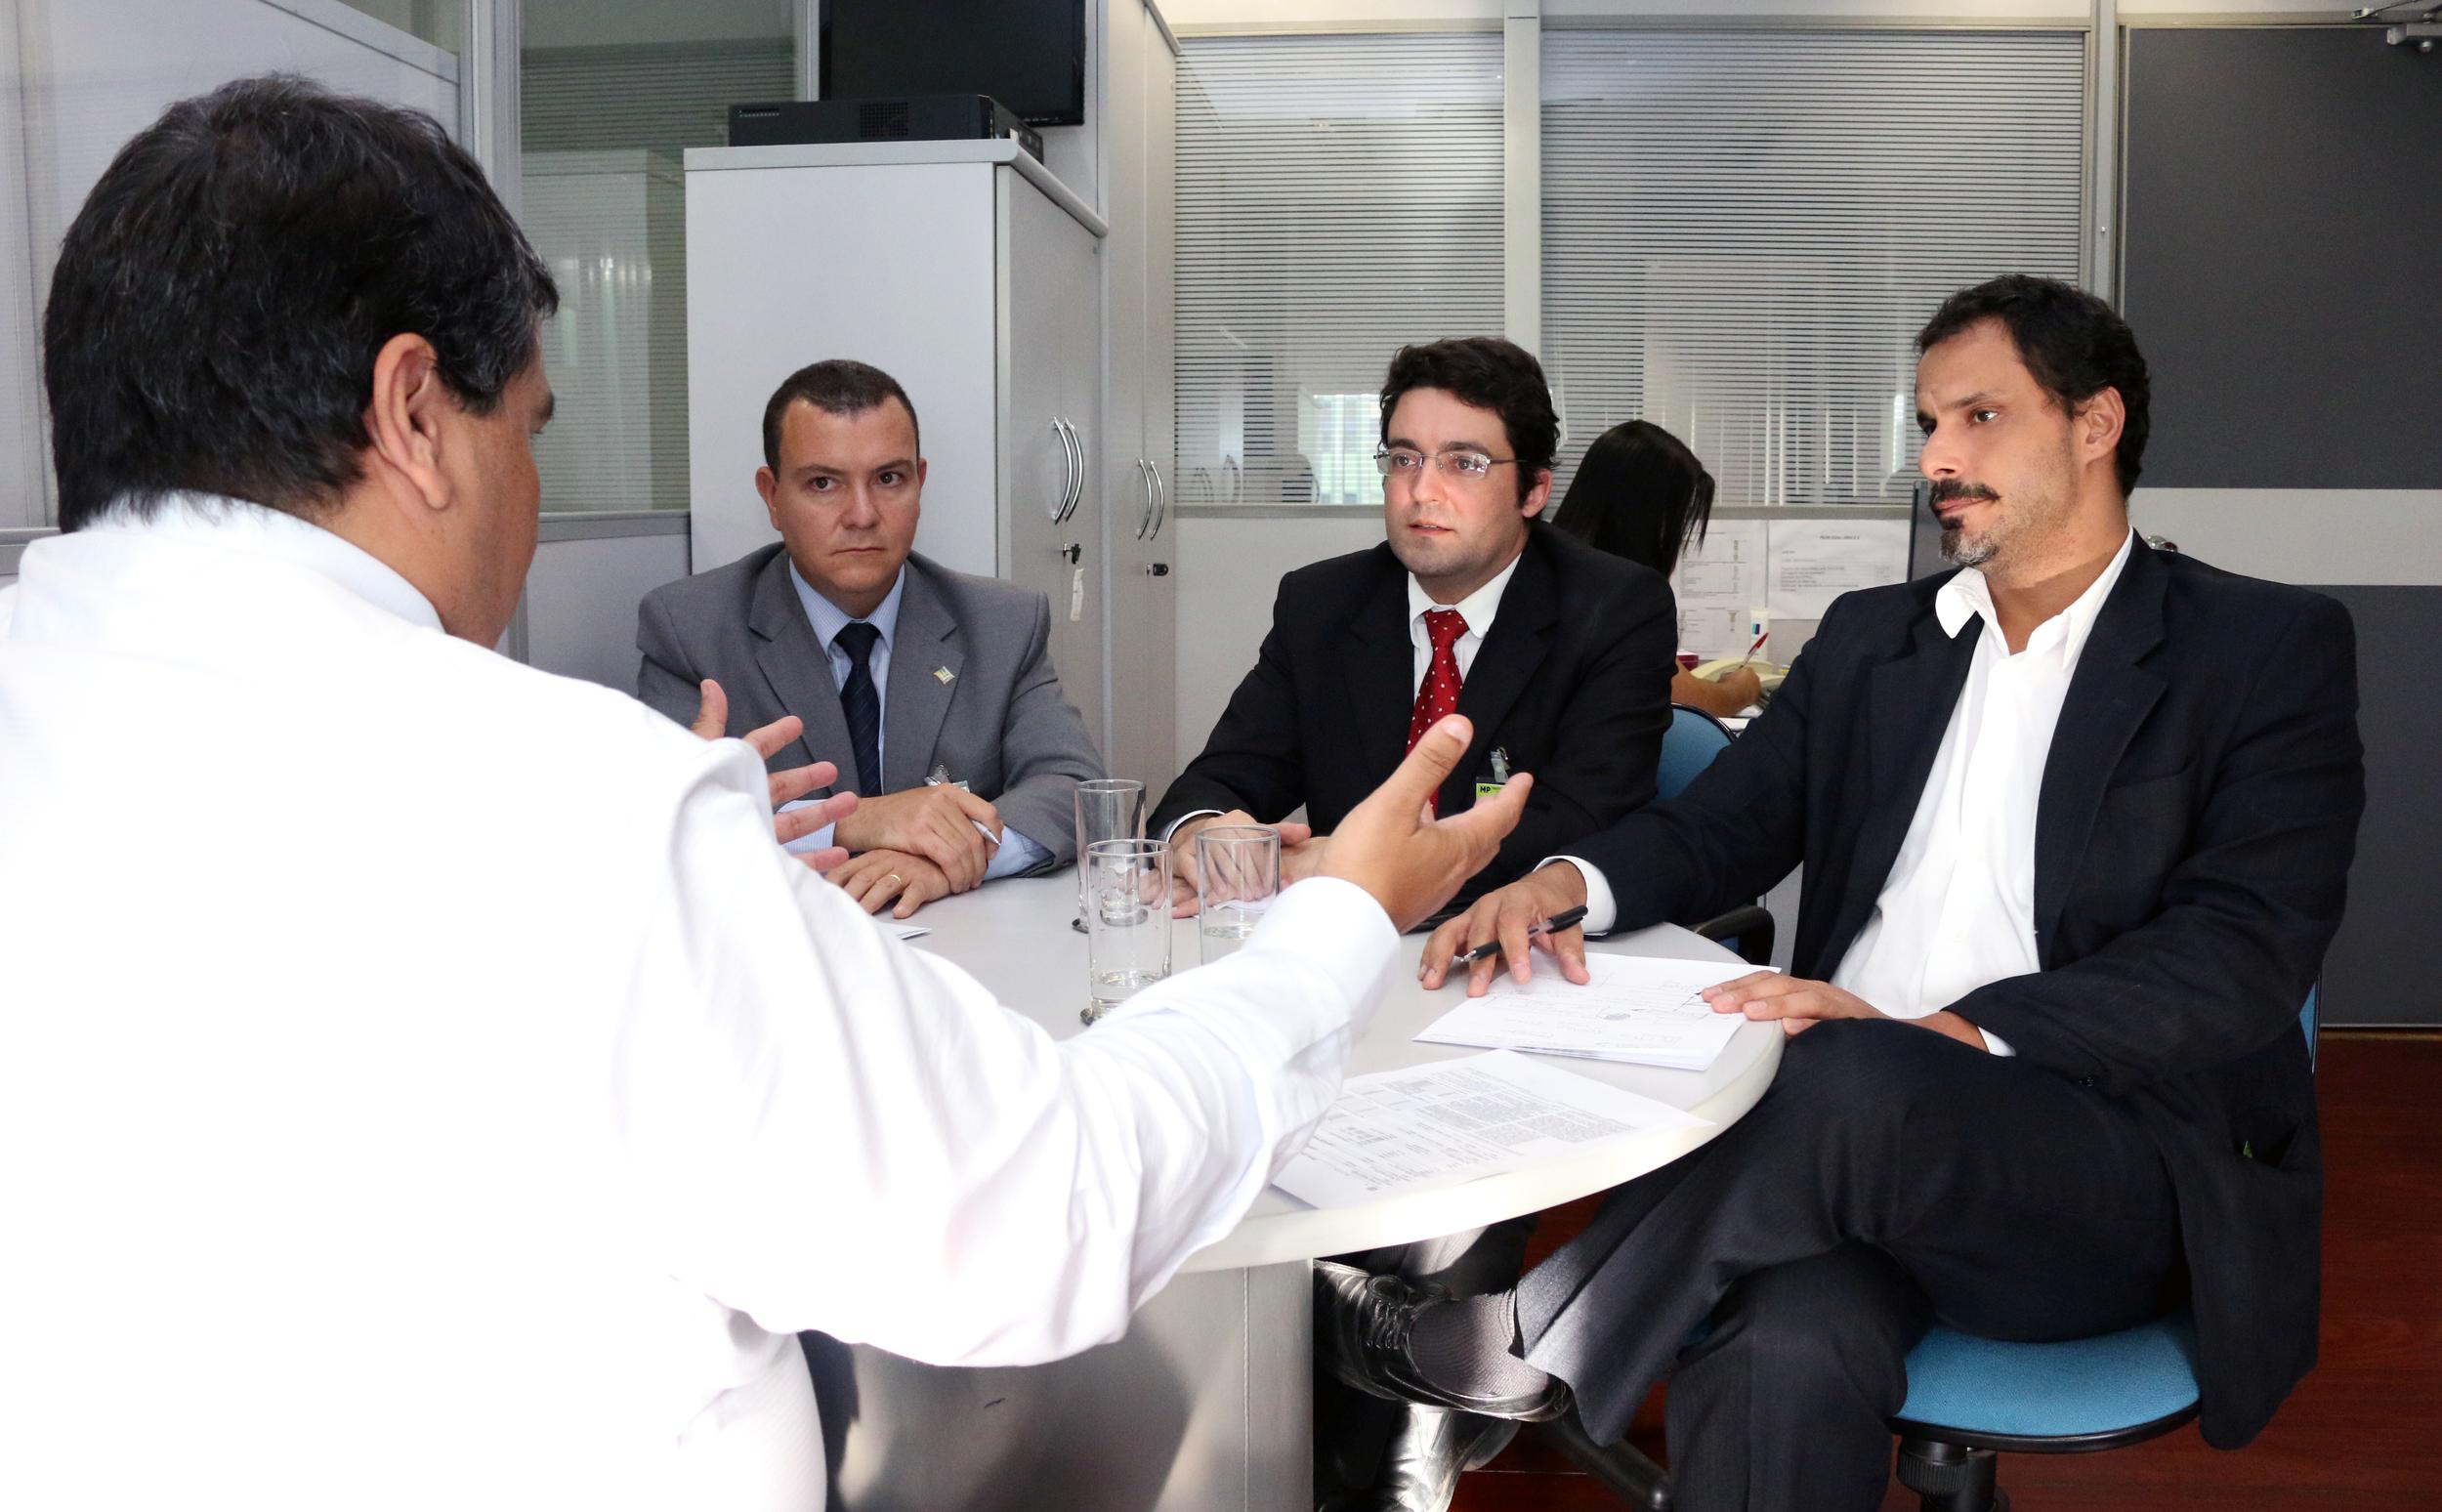 Tito Fróes, João Aurélio, Alex Canuto e Andrei Soares em reunião. Foto: Filipe Calmon / ANESP